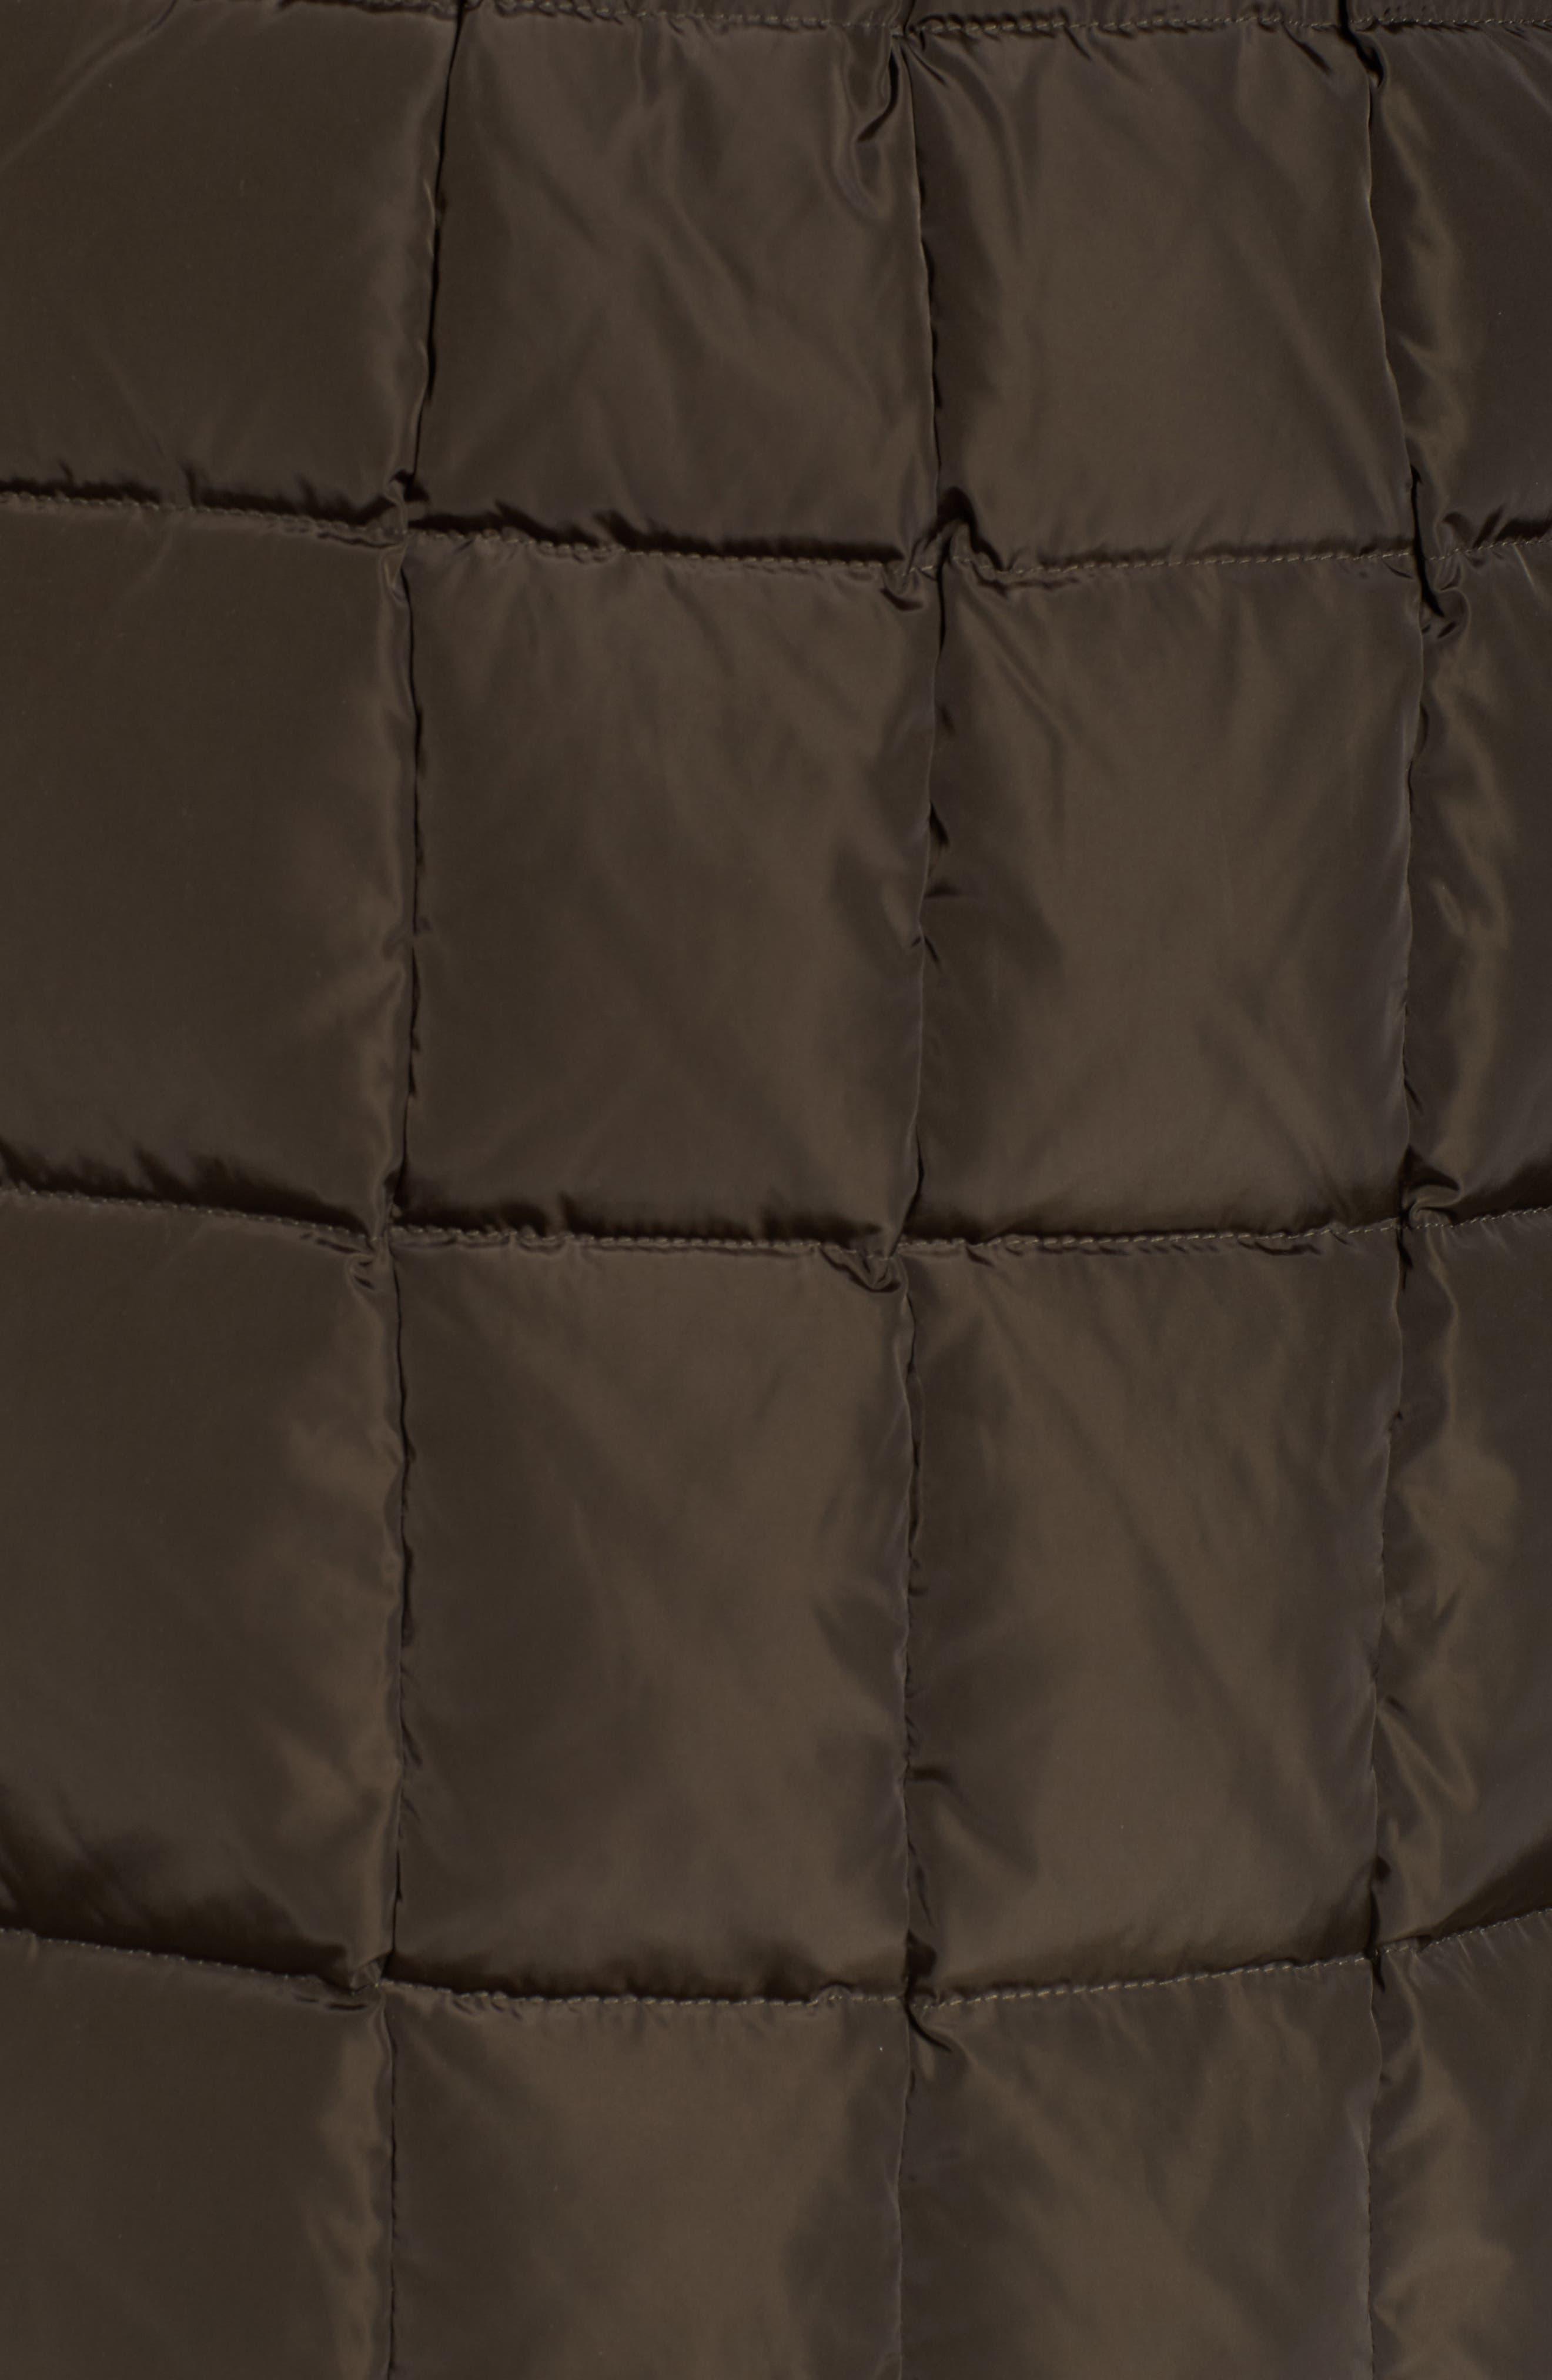 Down Coat with Faux Fur Trim,                             Alternate thumbnail 12, color,